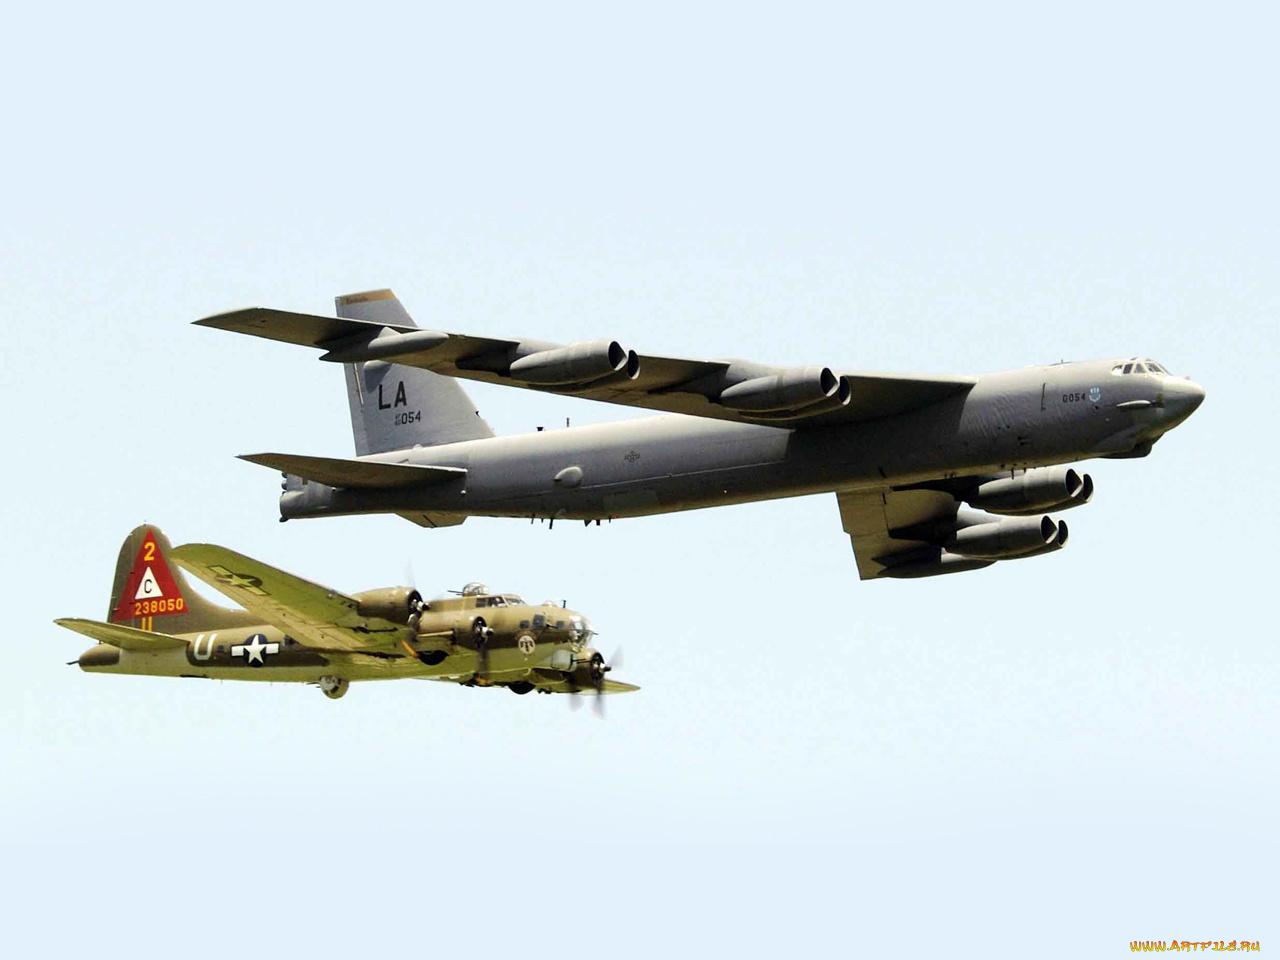 Бомбардировщик b-52  № 2853136  скачать